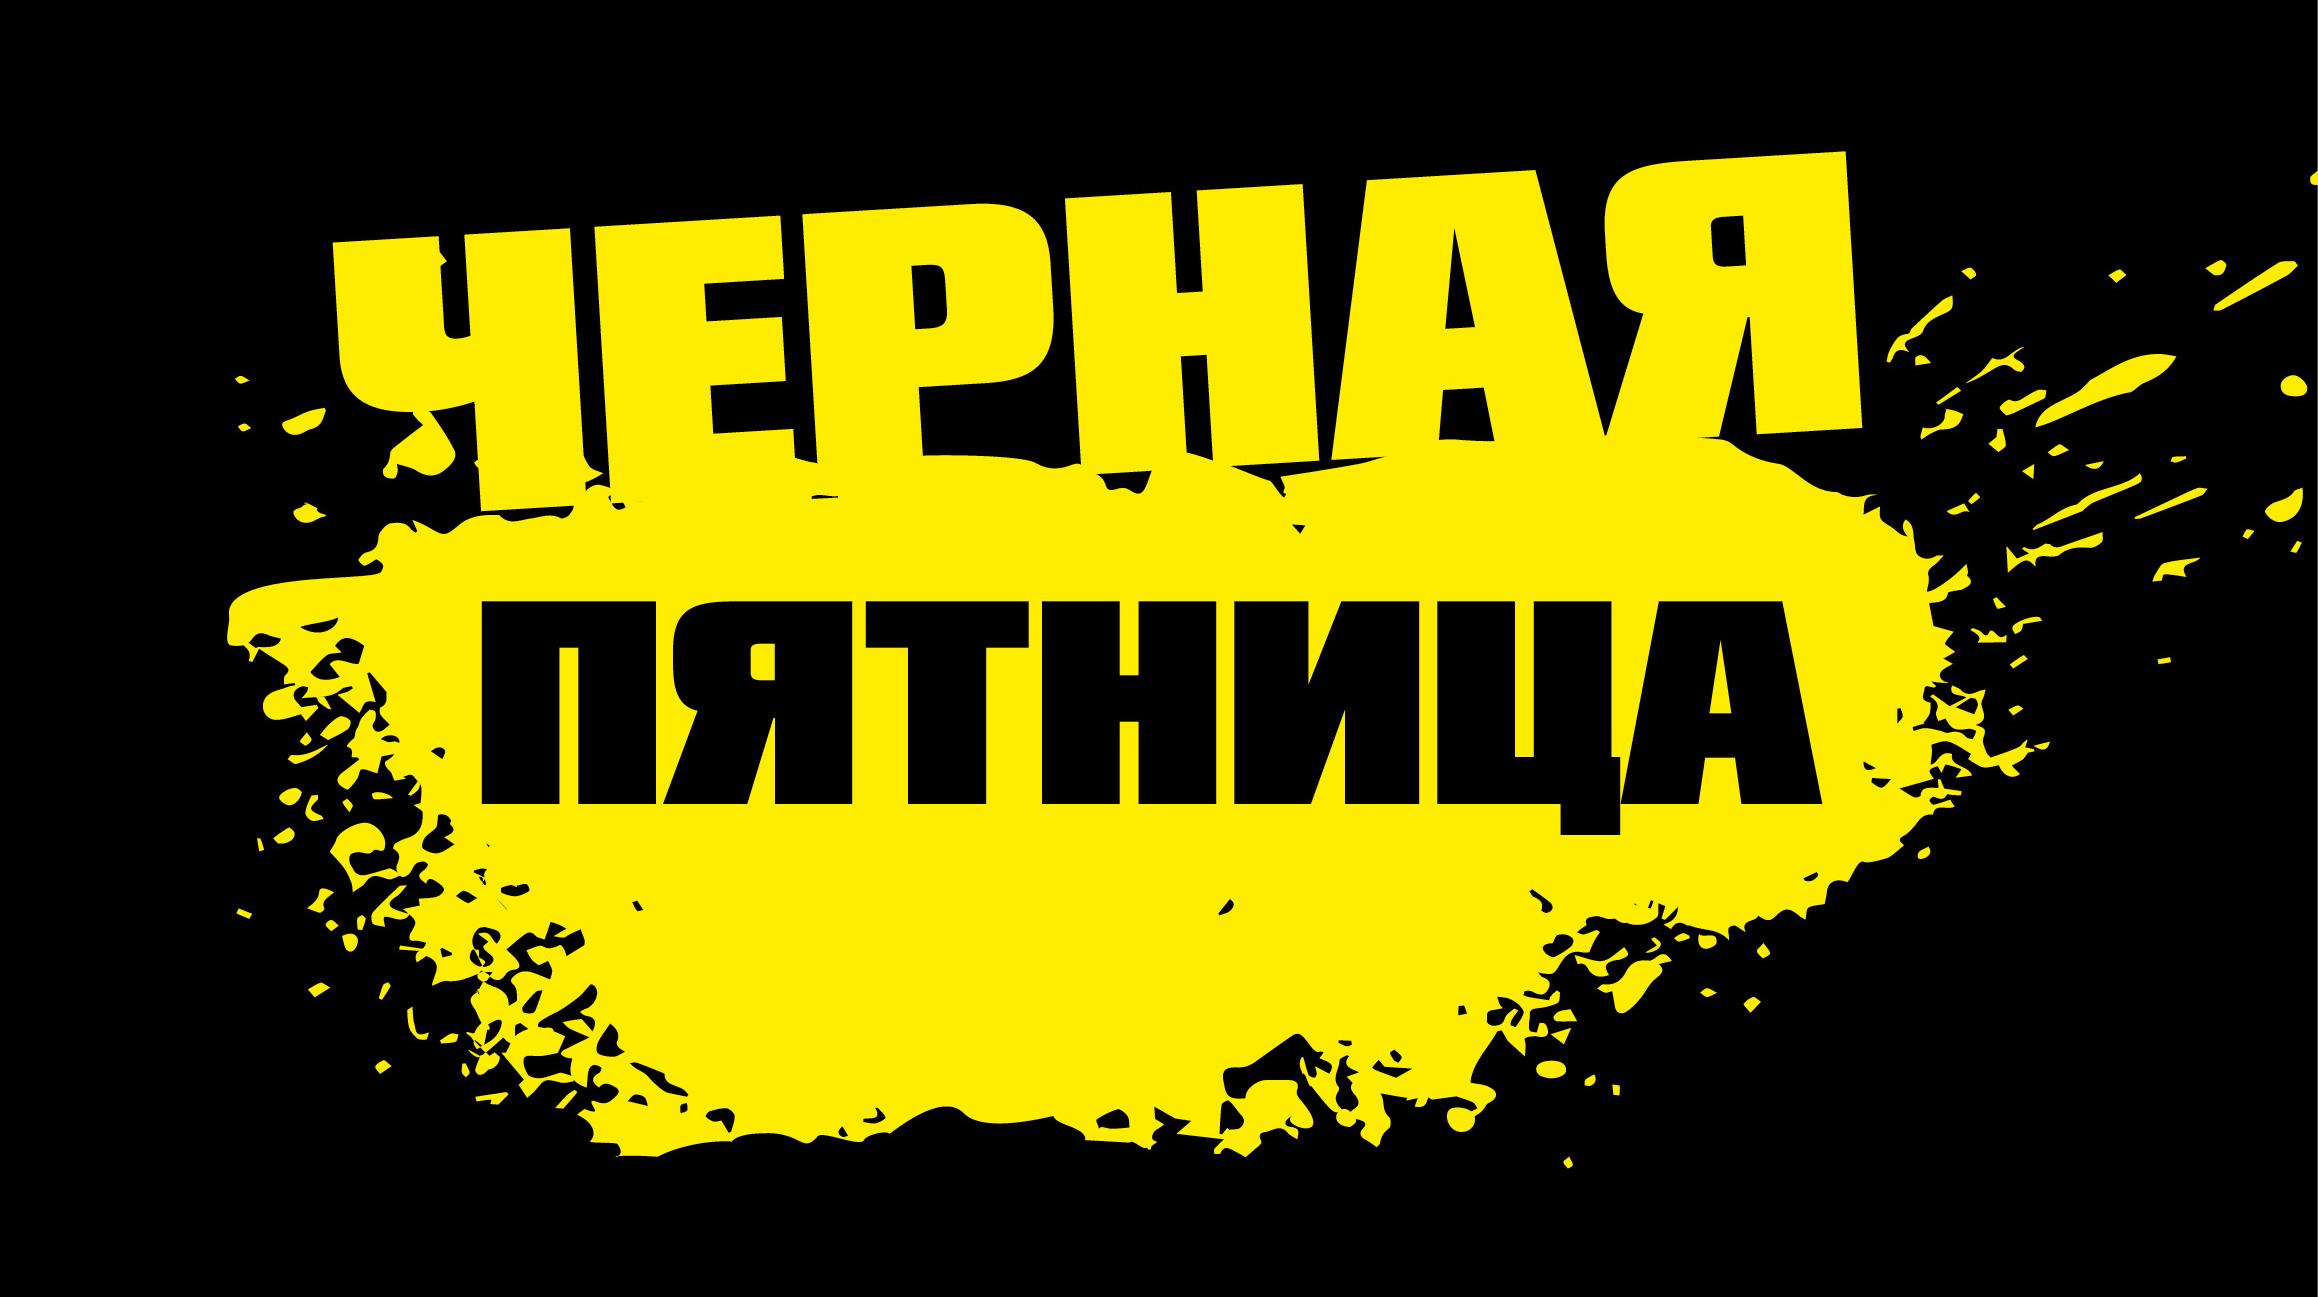 имени черная пятница картинка на русском несколько